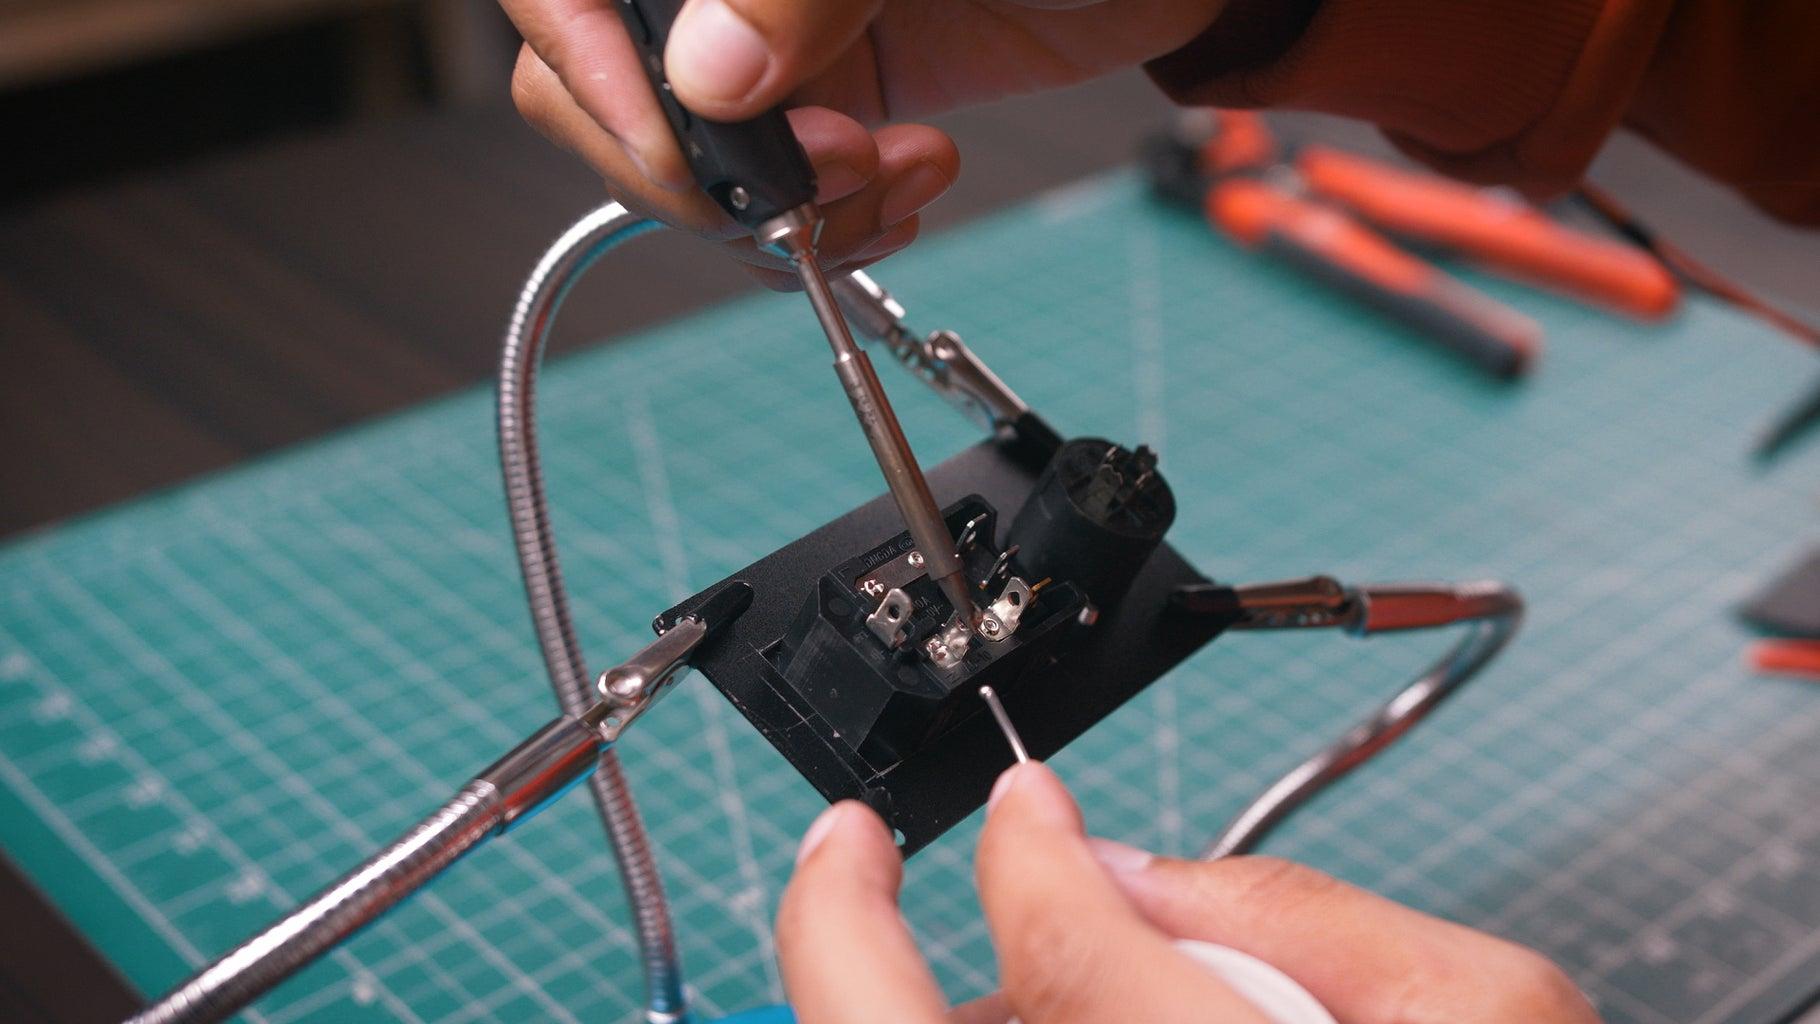 Assembling of Back Panel